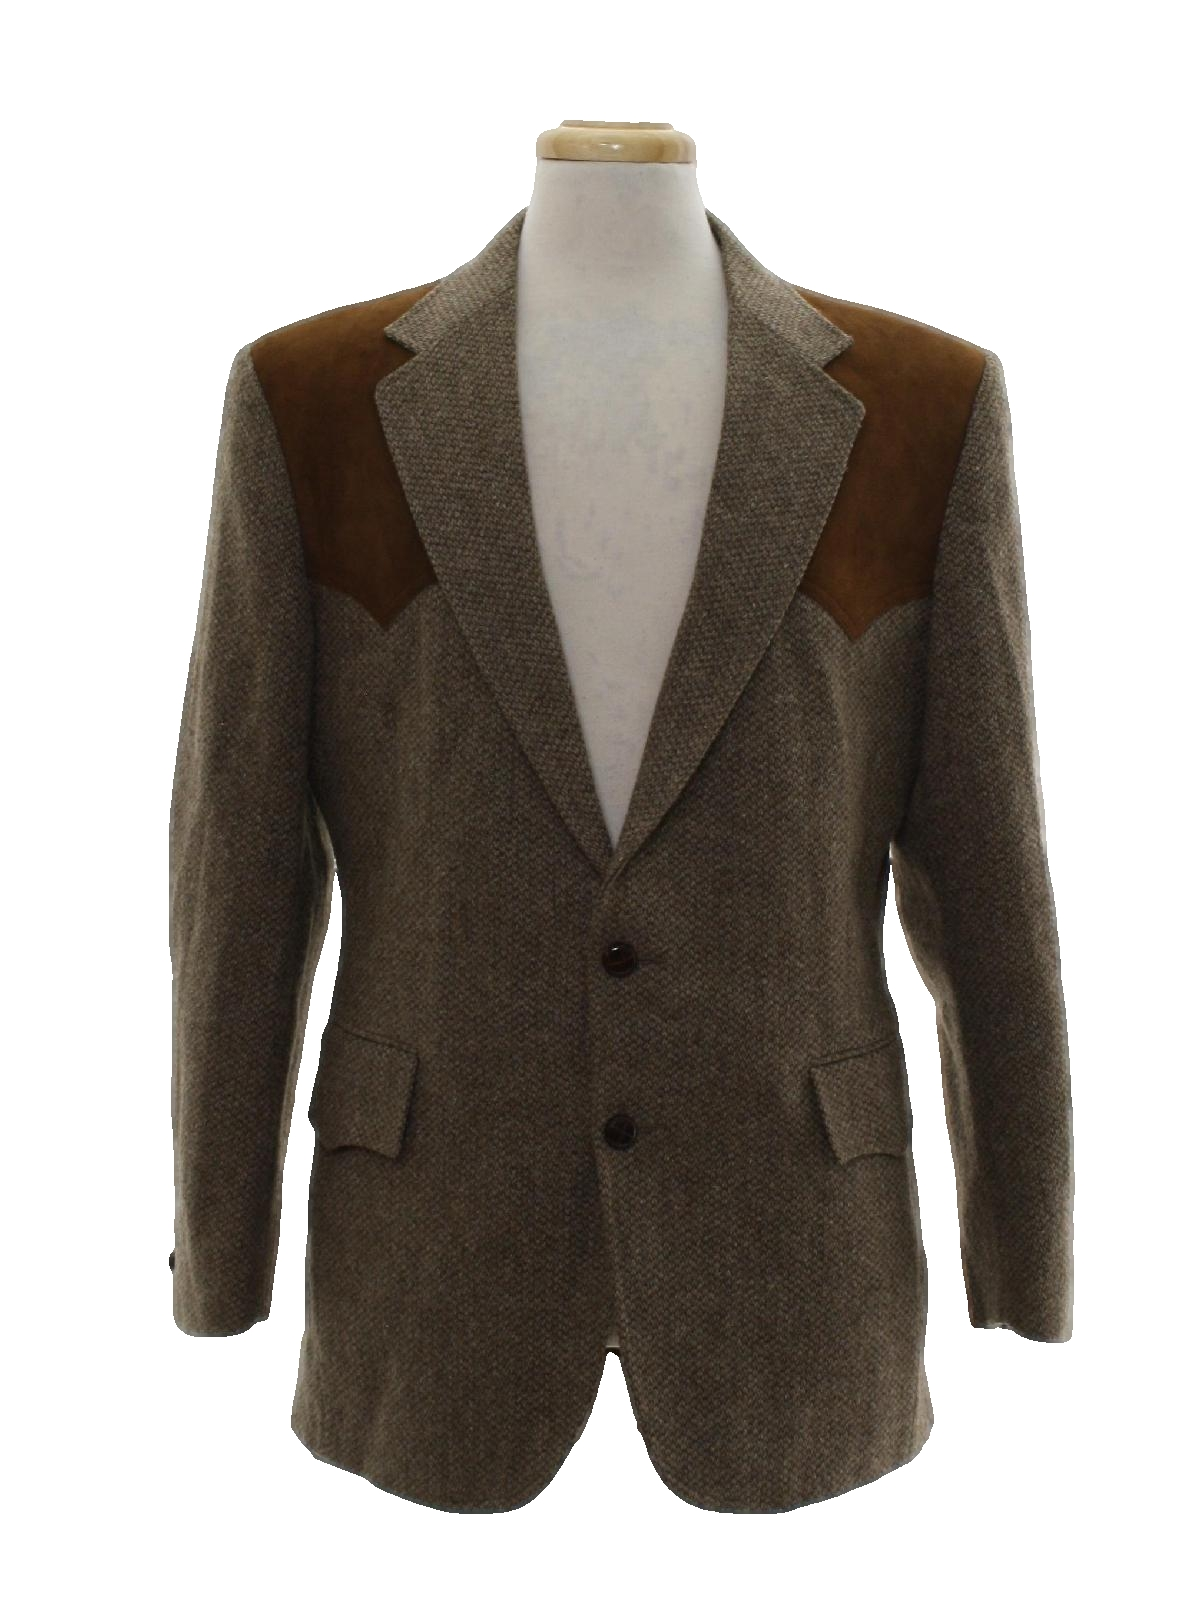 80s jacket blazer